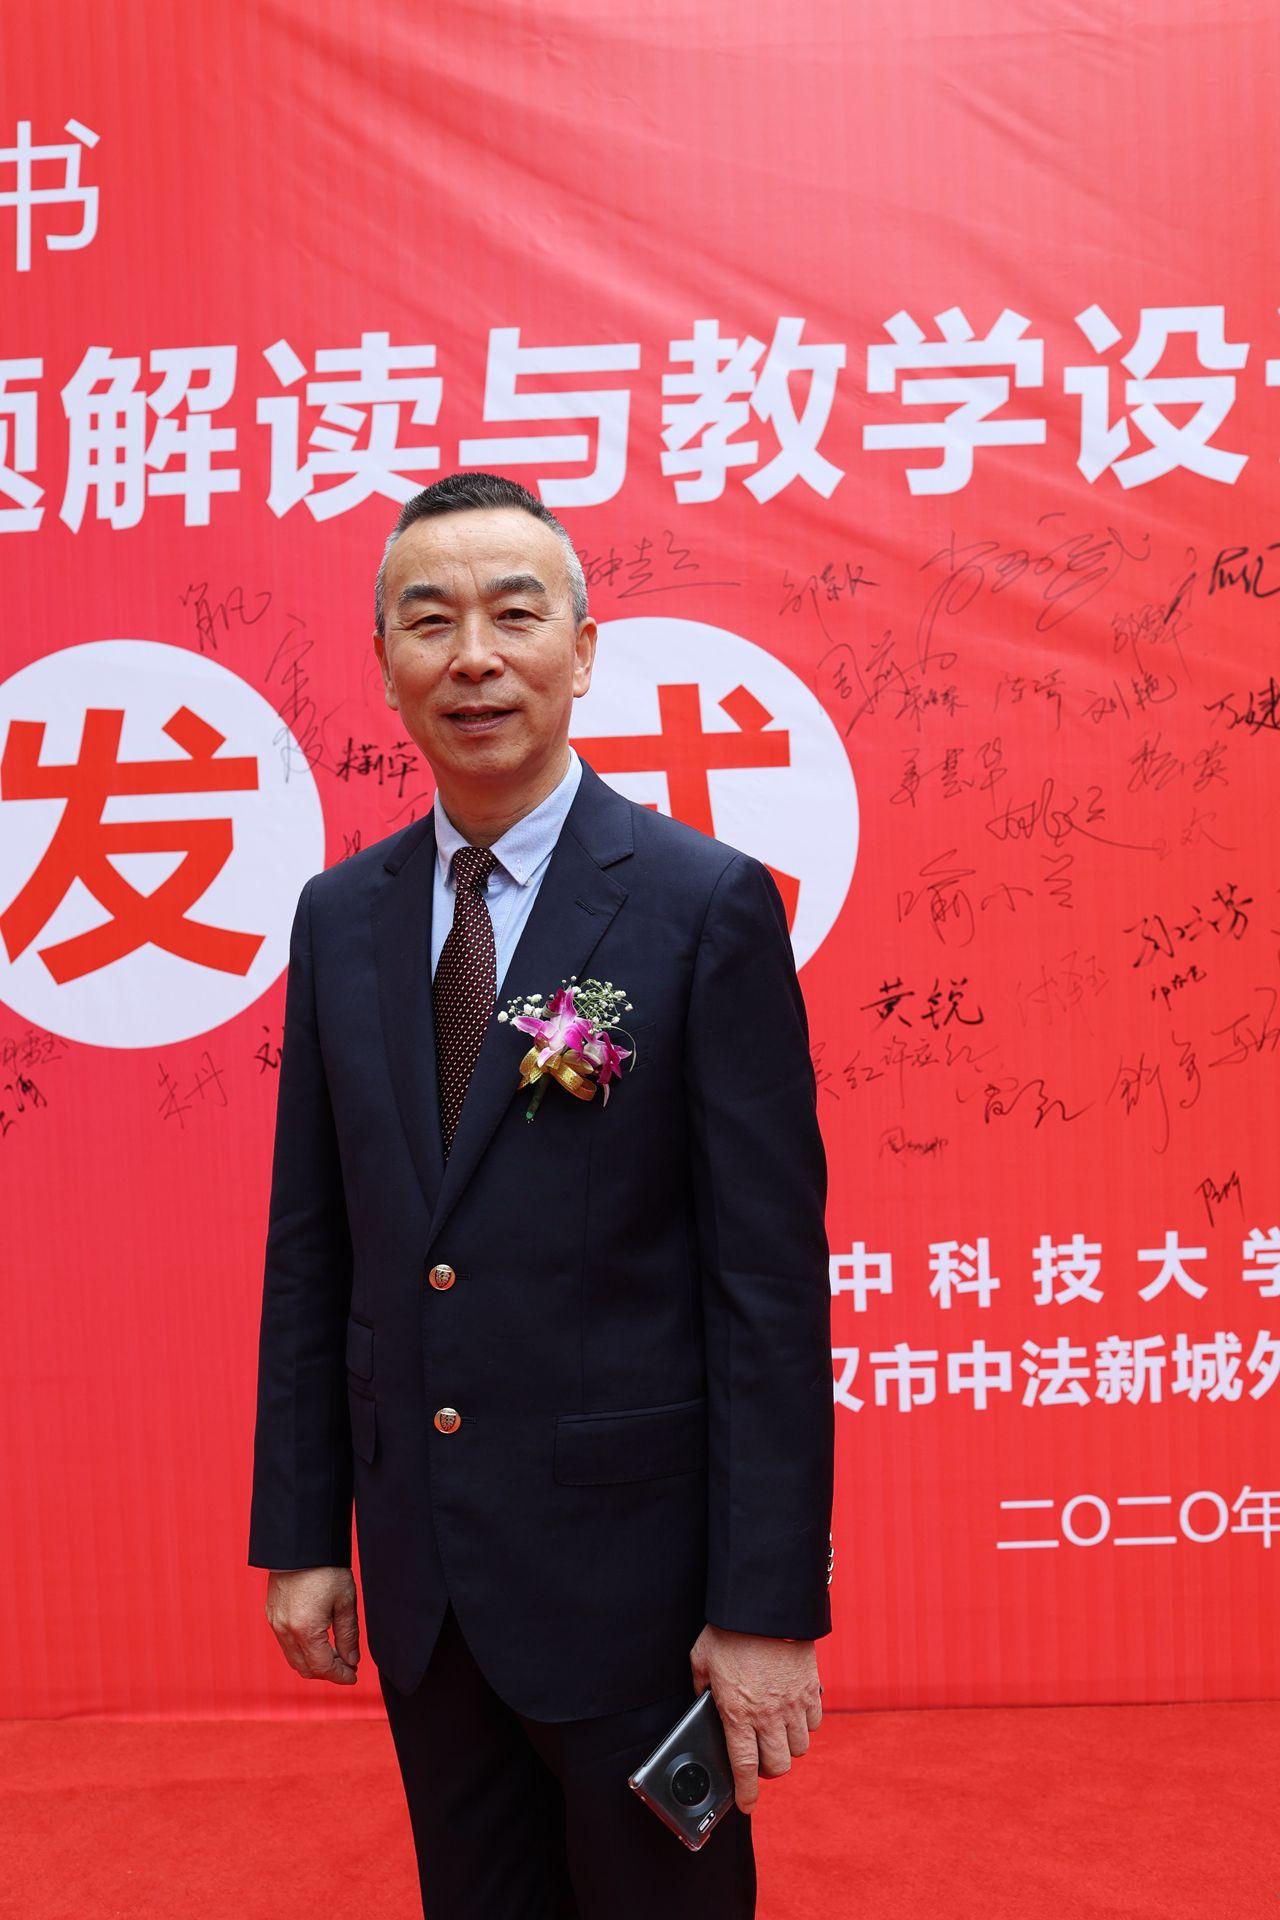 """汇聚了武汉180多位老师的心血,小学数学首套例题""""二维码书""""问世"""